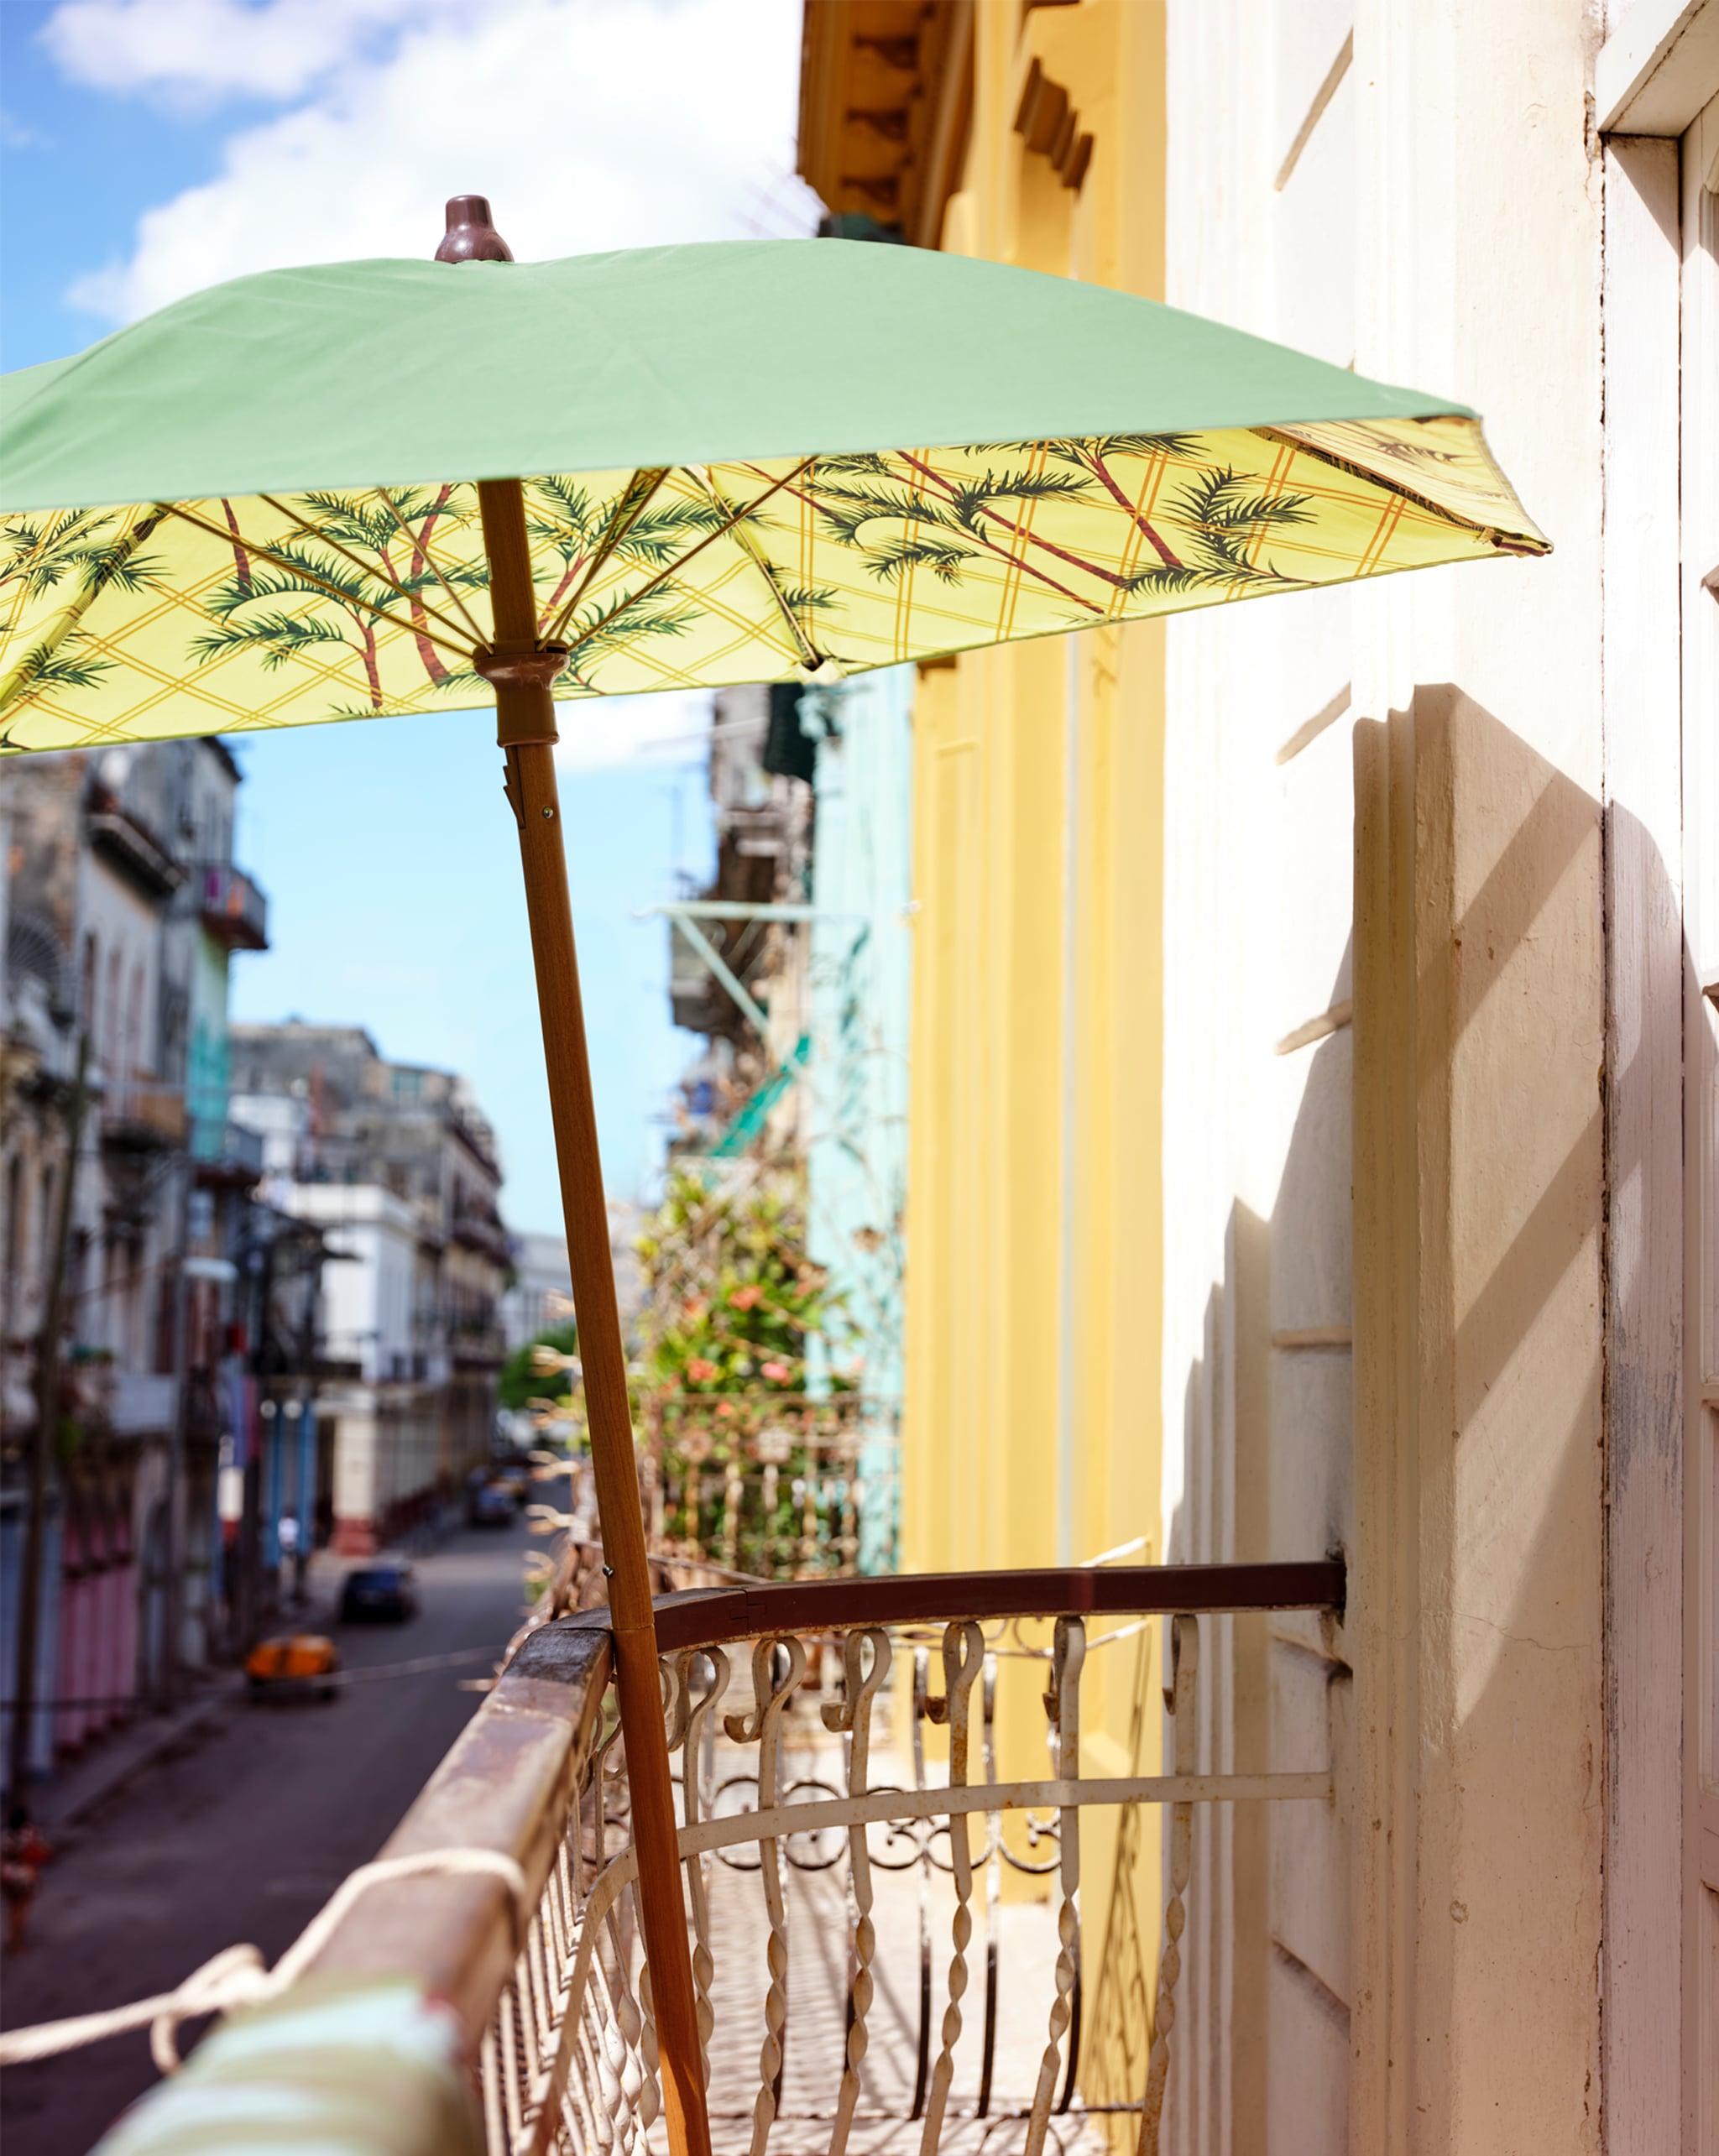 綠色和黃色印花圖案太陽傘靠在露台欄杆,下面是街景。